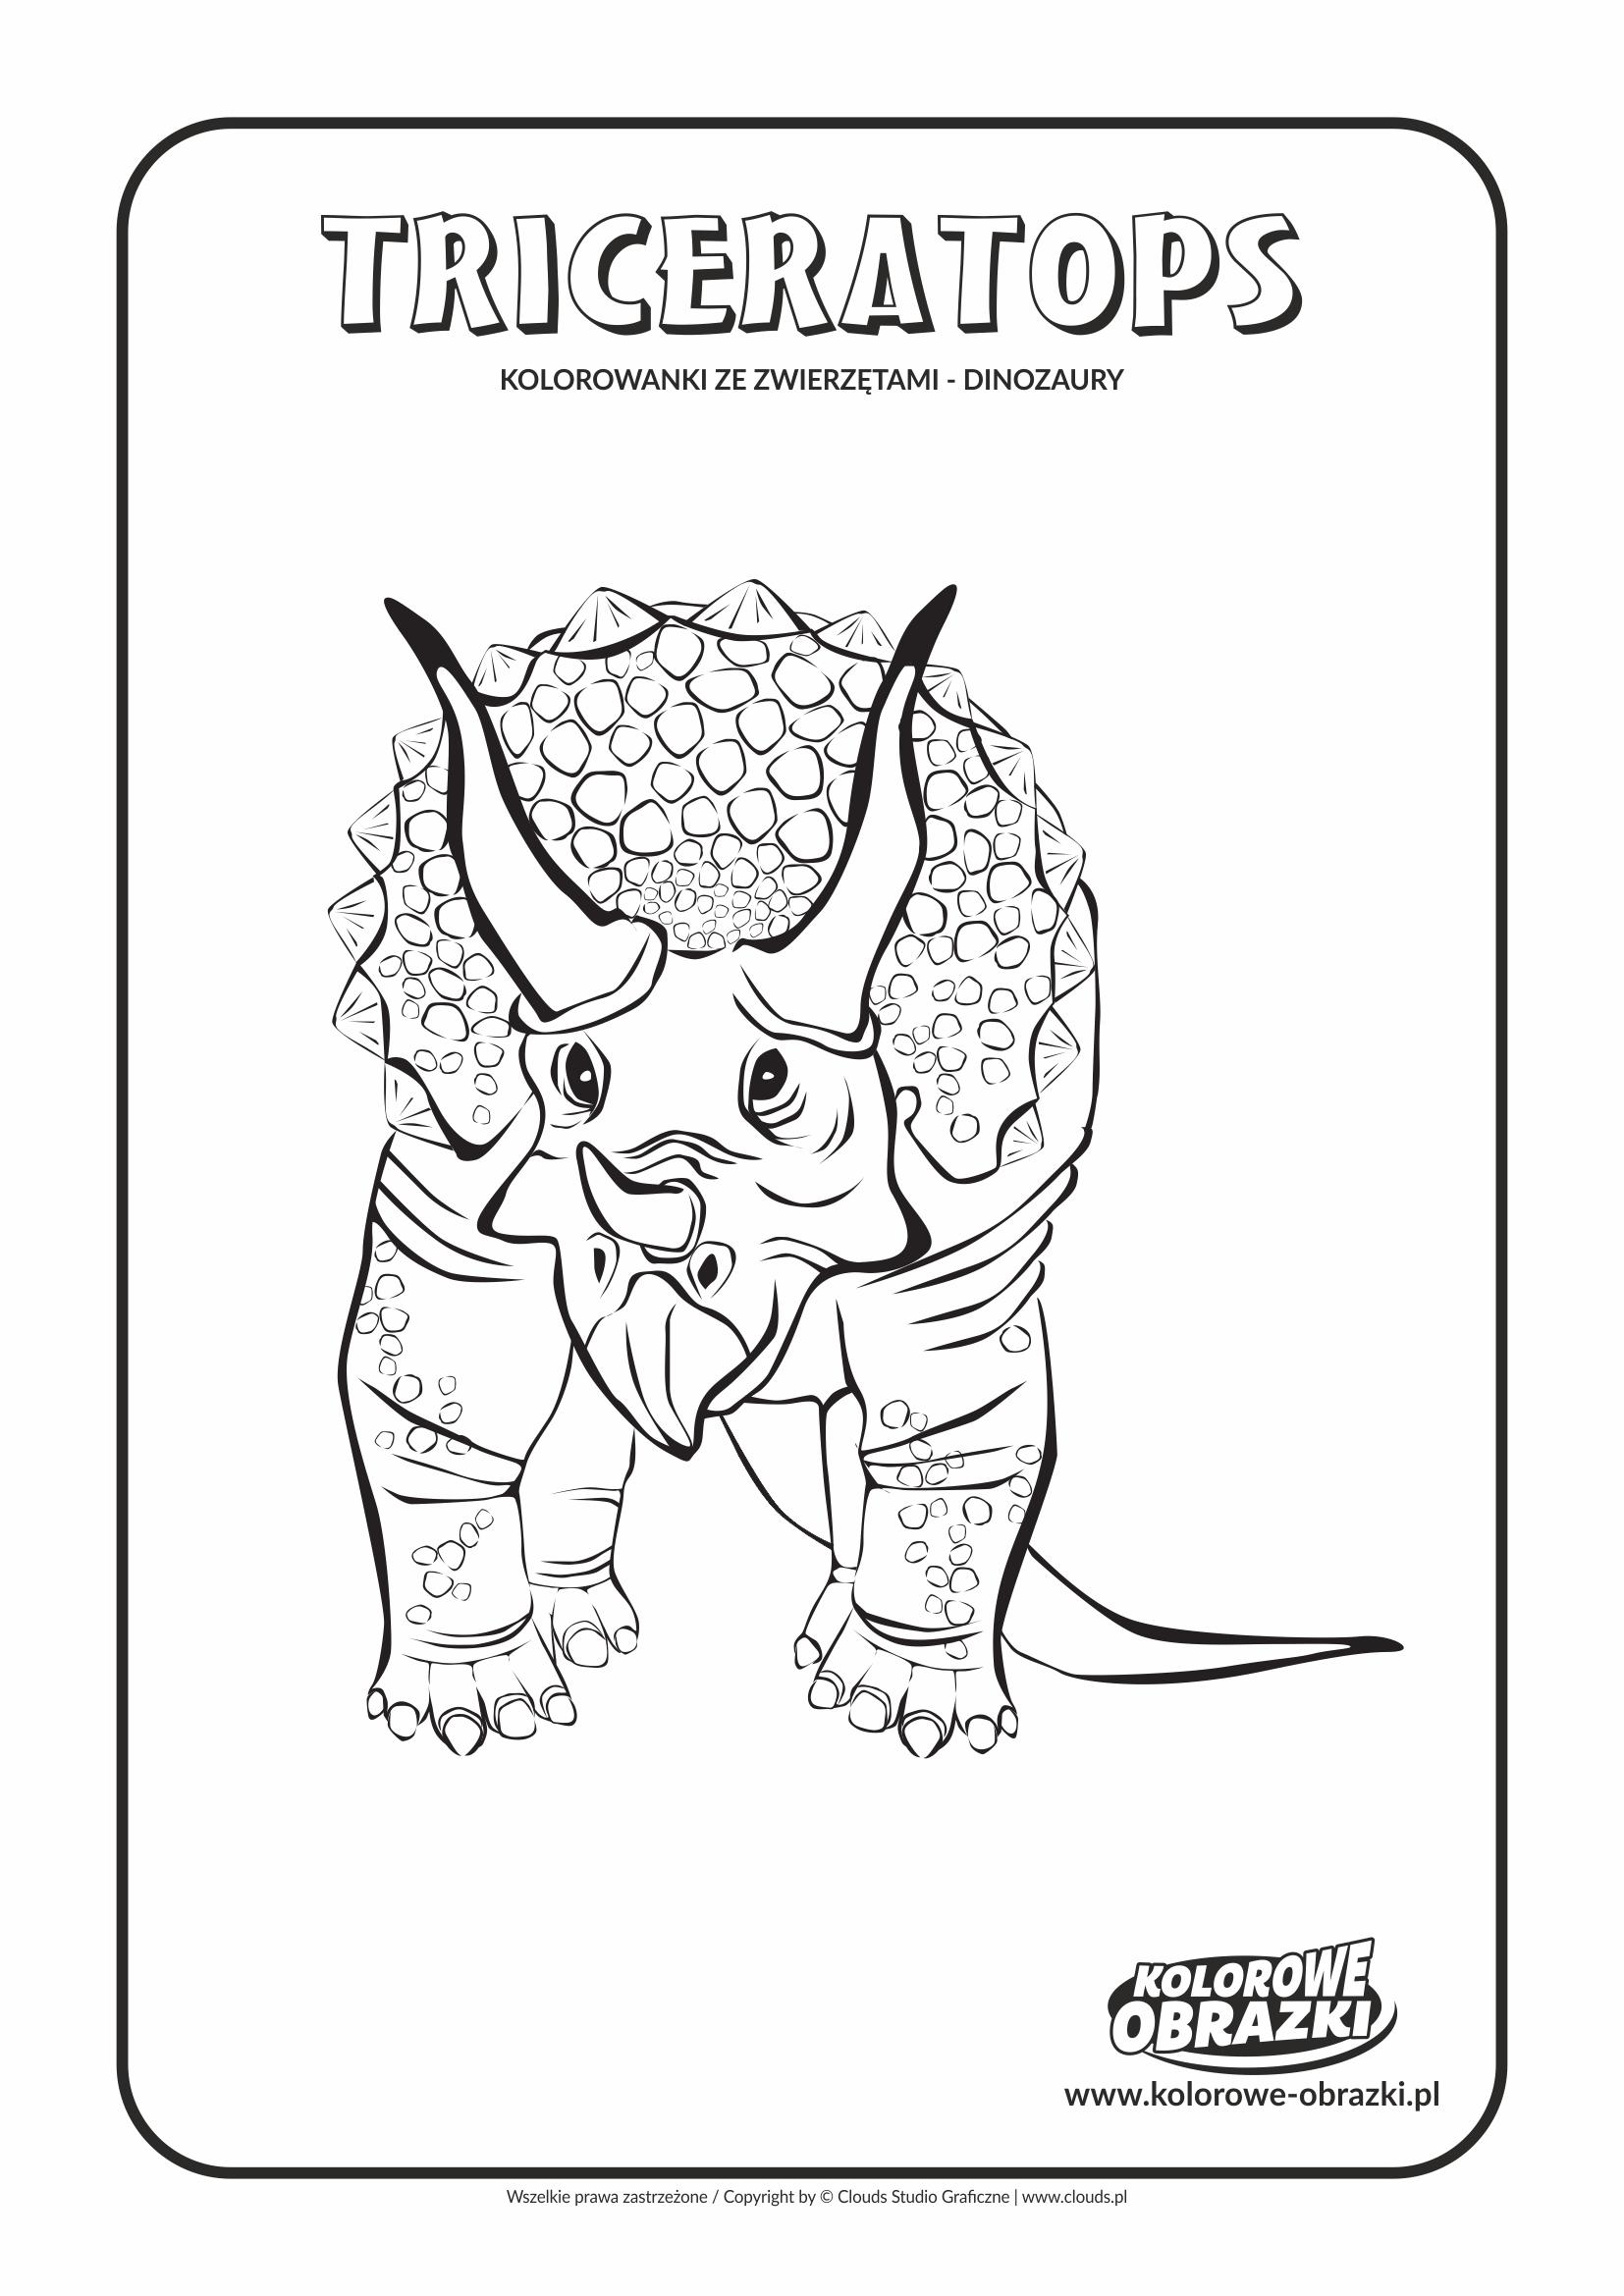 Kolorowanki dla dzieci - Zwierzęta / Triceratops. Kolorowanka z Triceratopsem